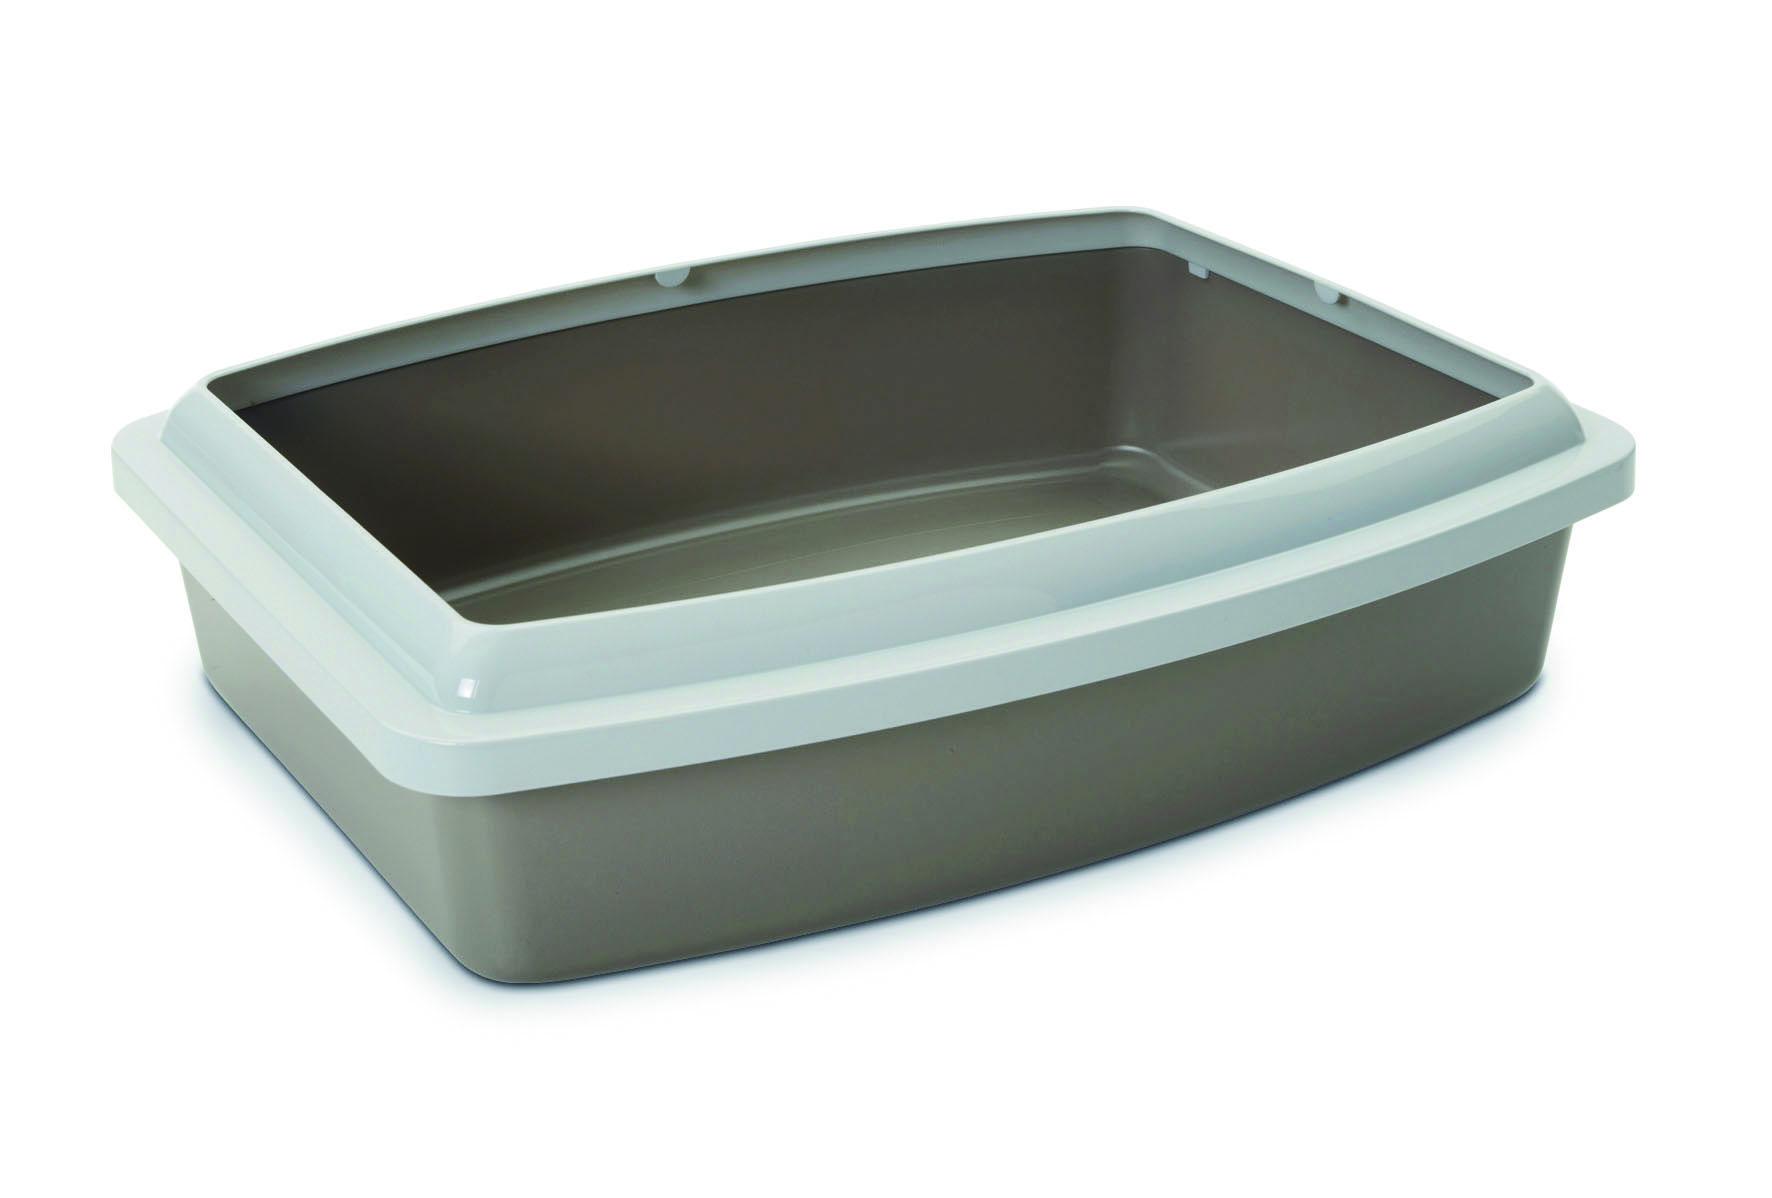 Туалет для кошек Savic  Oval Trey Medium , с бортом, цвет: серый, 42 см х 33 см